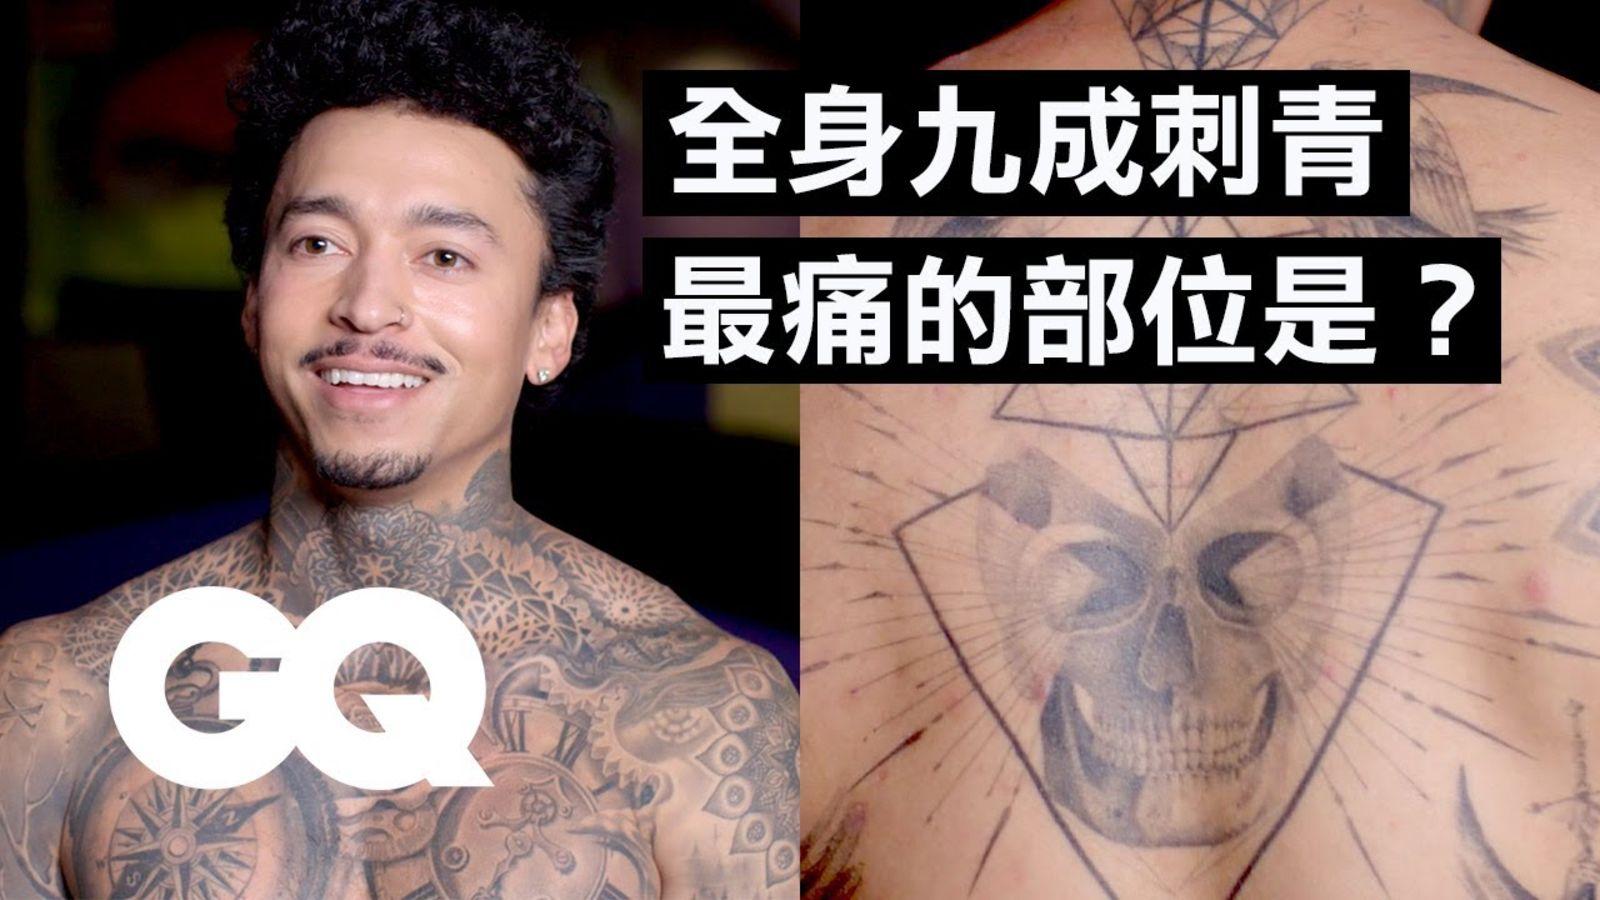 滑板天才Nyjah全身超過200個刺青 媽媽勸他勸到放棄治療 Nyjah Huston Breaks Down His Tattoos|刺青旅行|GQ Taiwan